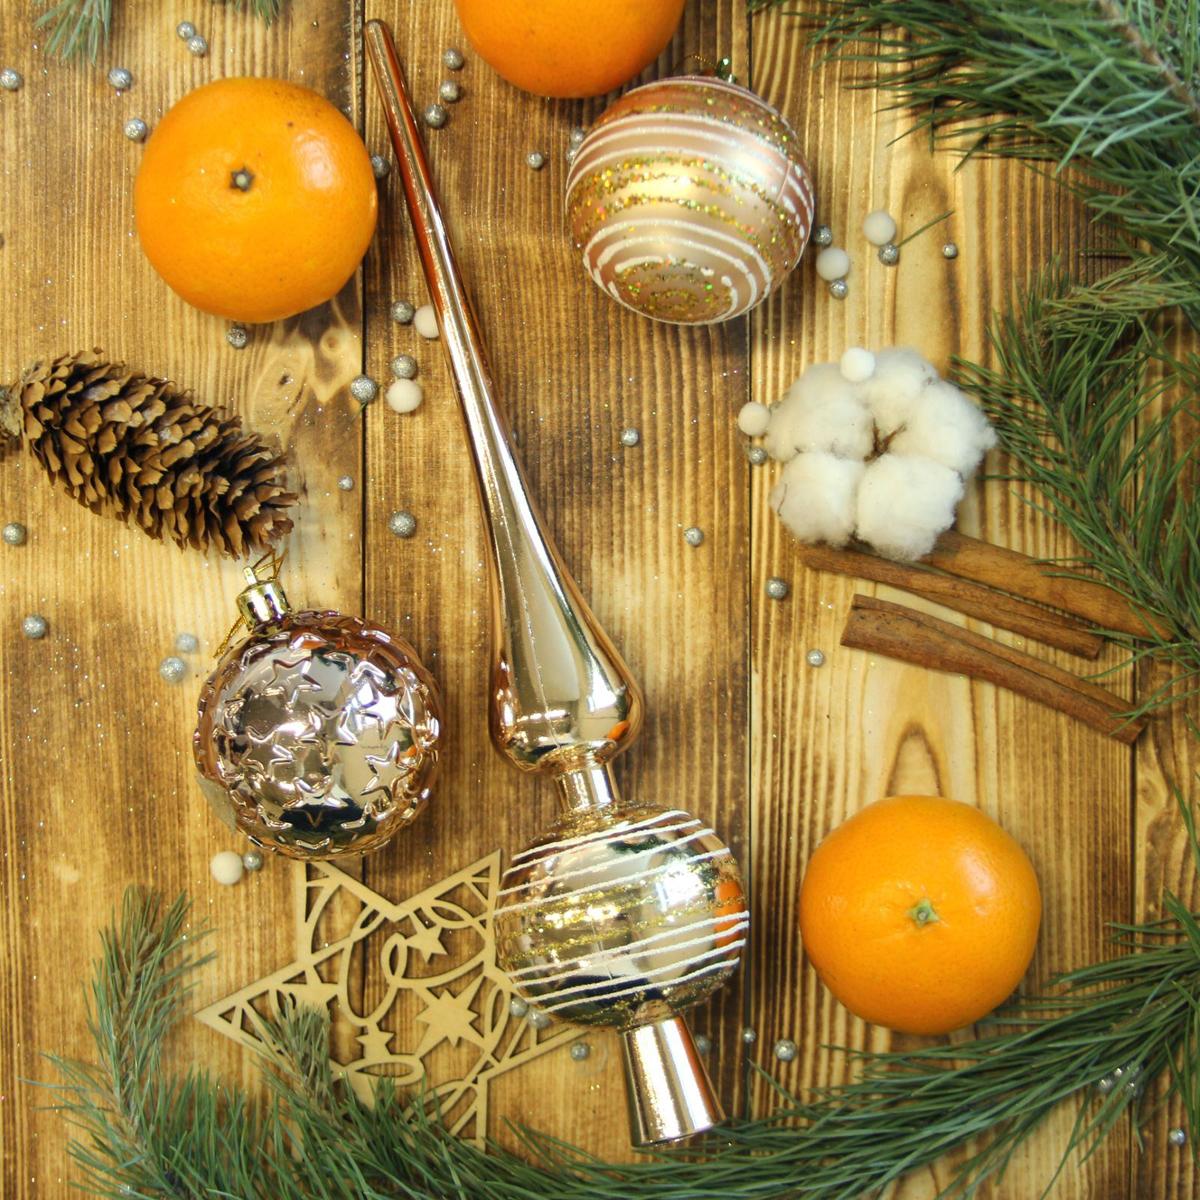 Набор новогодних подвесных украшений Sima-land, с макушкой, 19 шт. 21230172123017Набор новогодних подвесных украшений Sima-land отлично подойдет для декорации вашего дома и новогодней ели. С помощью специальной петельки украшение можно повесить в любом понравившемся вам месте. Но, конечно, удачнее всего оно будет смотреться на праздничной елке. В комплект входит макушка для ели. Елочная игрушка - символ Нового года. Она несет в себе волшебство и красоту праздника. Создайте в своем доме атмосферу веселья и радости, украшая новогоднюю елку нарядными игрушками, которые будут из года в год накапливать теплоту воспоминаний.